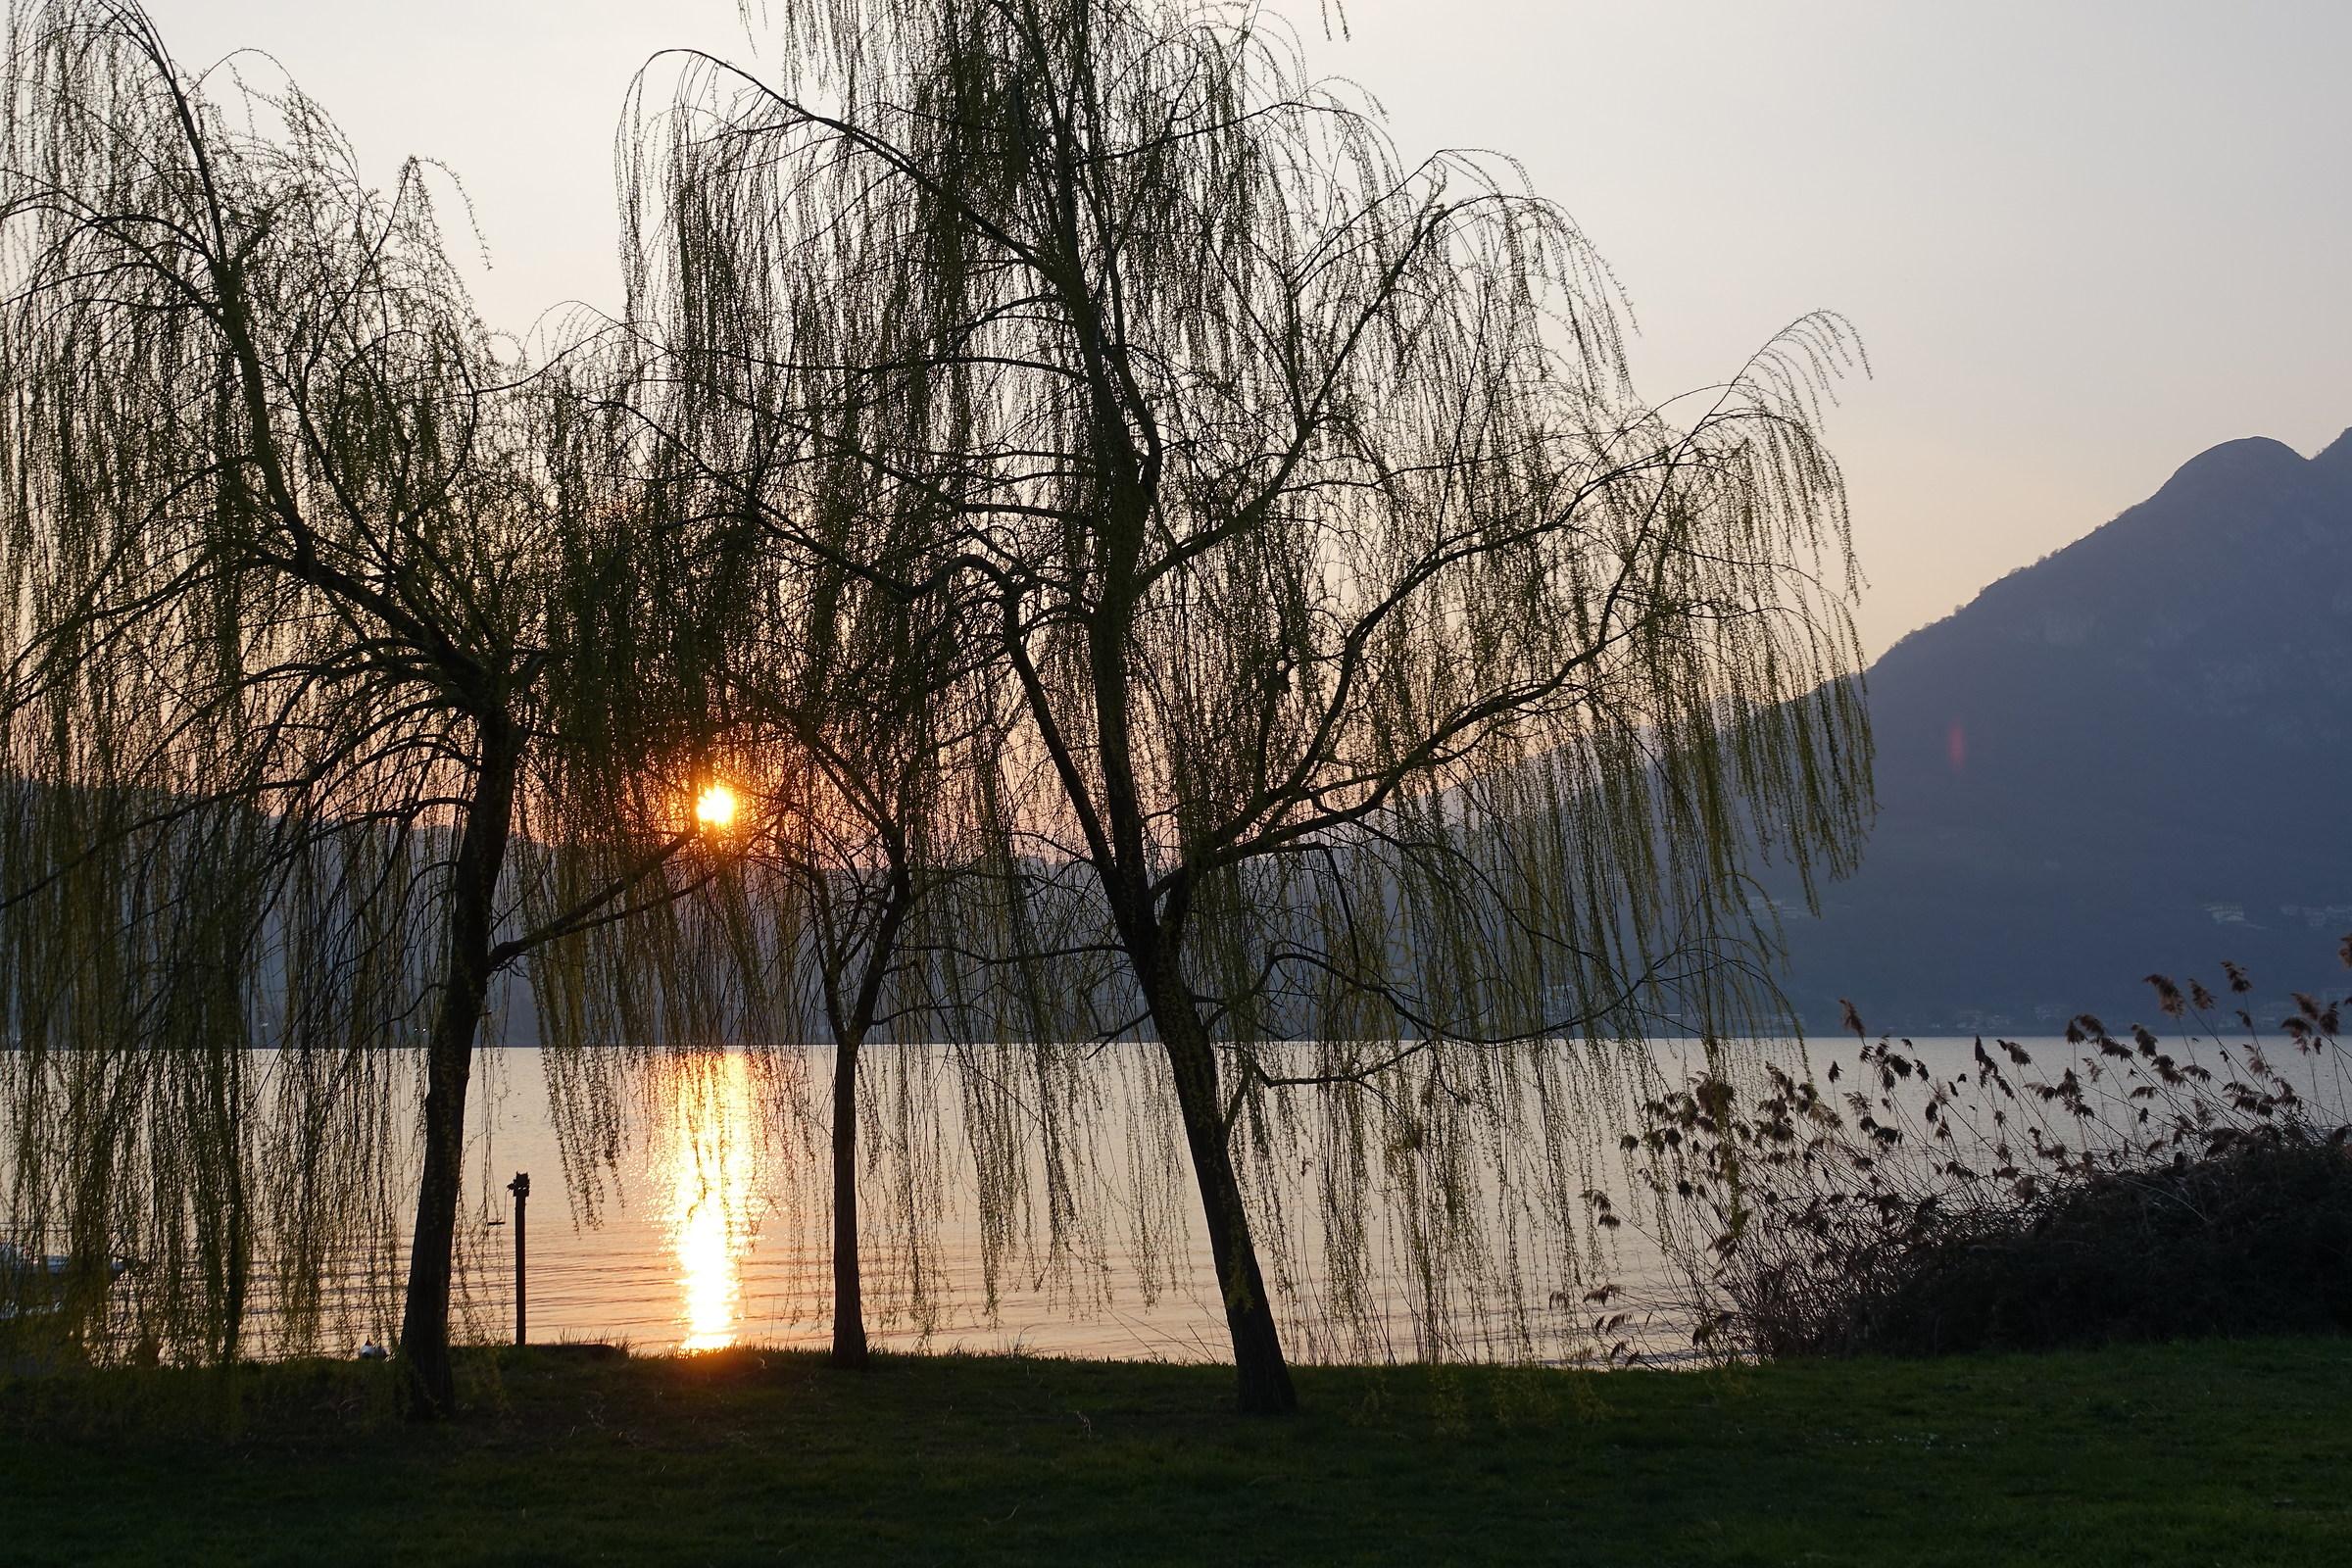 Lago di Garlate, tramonto nell'equinozio di primavera...